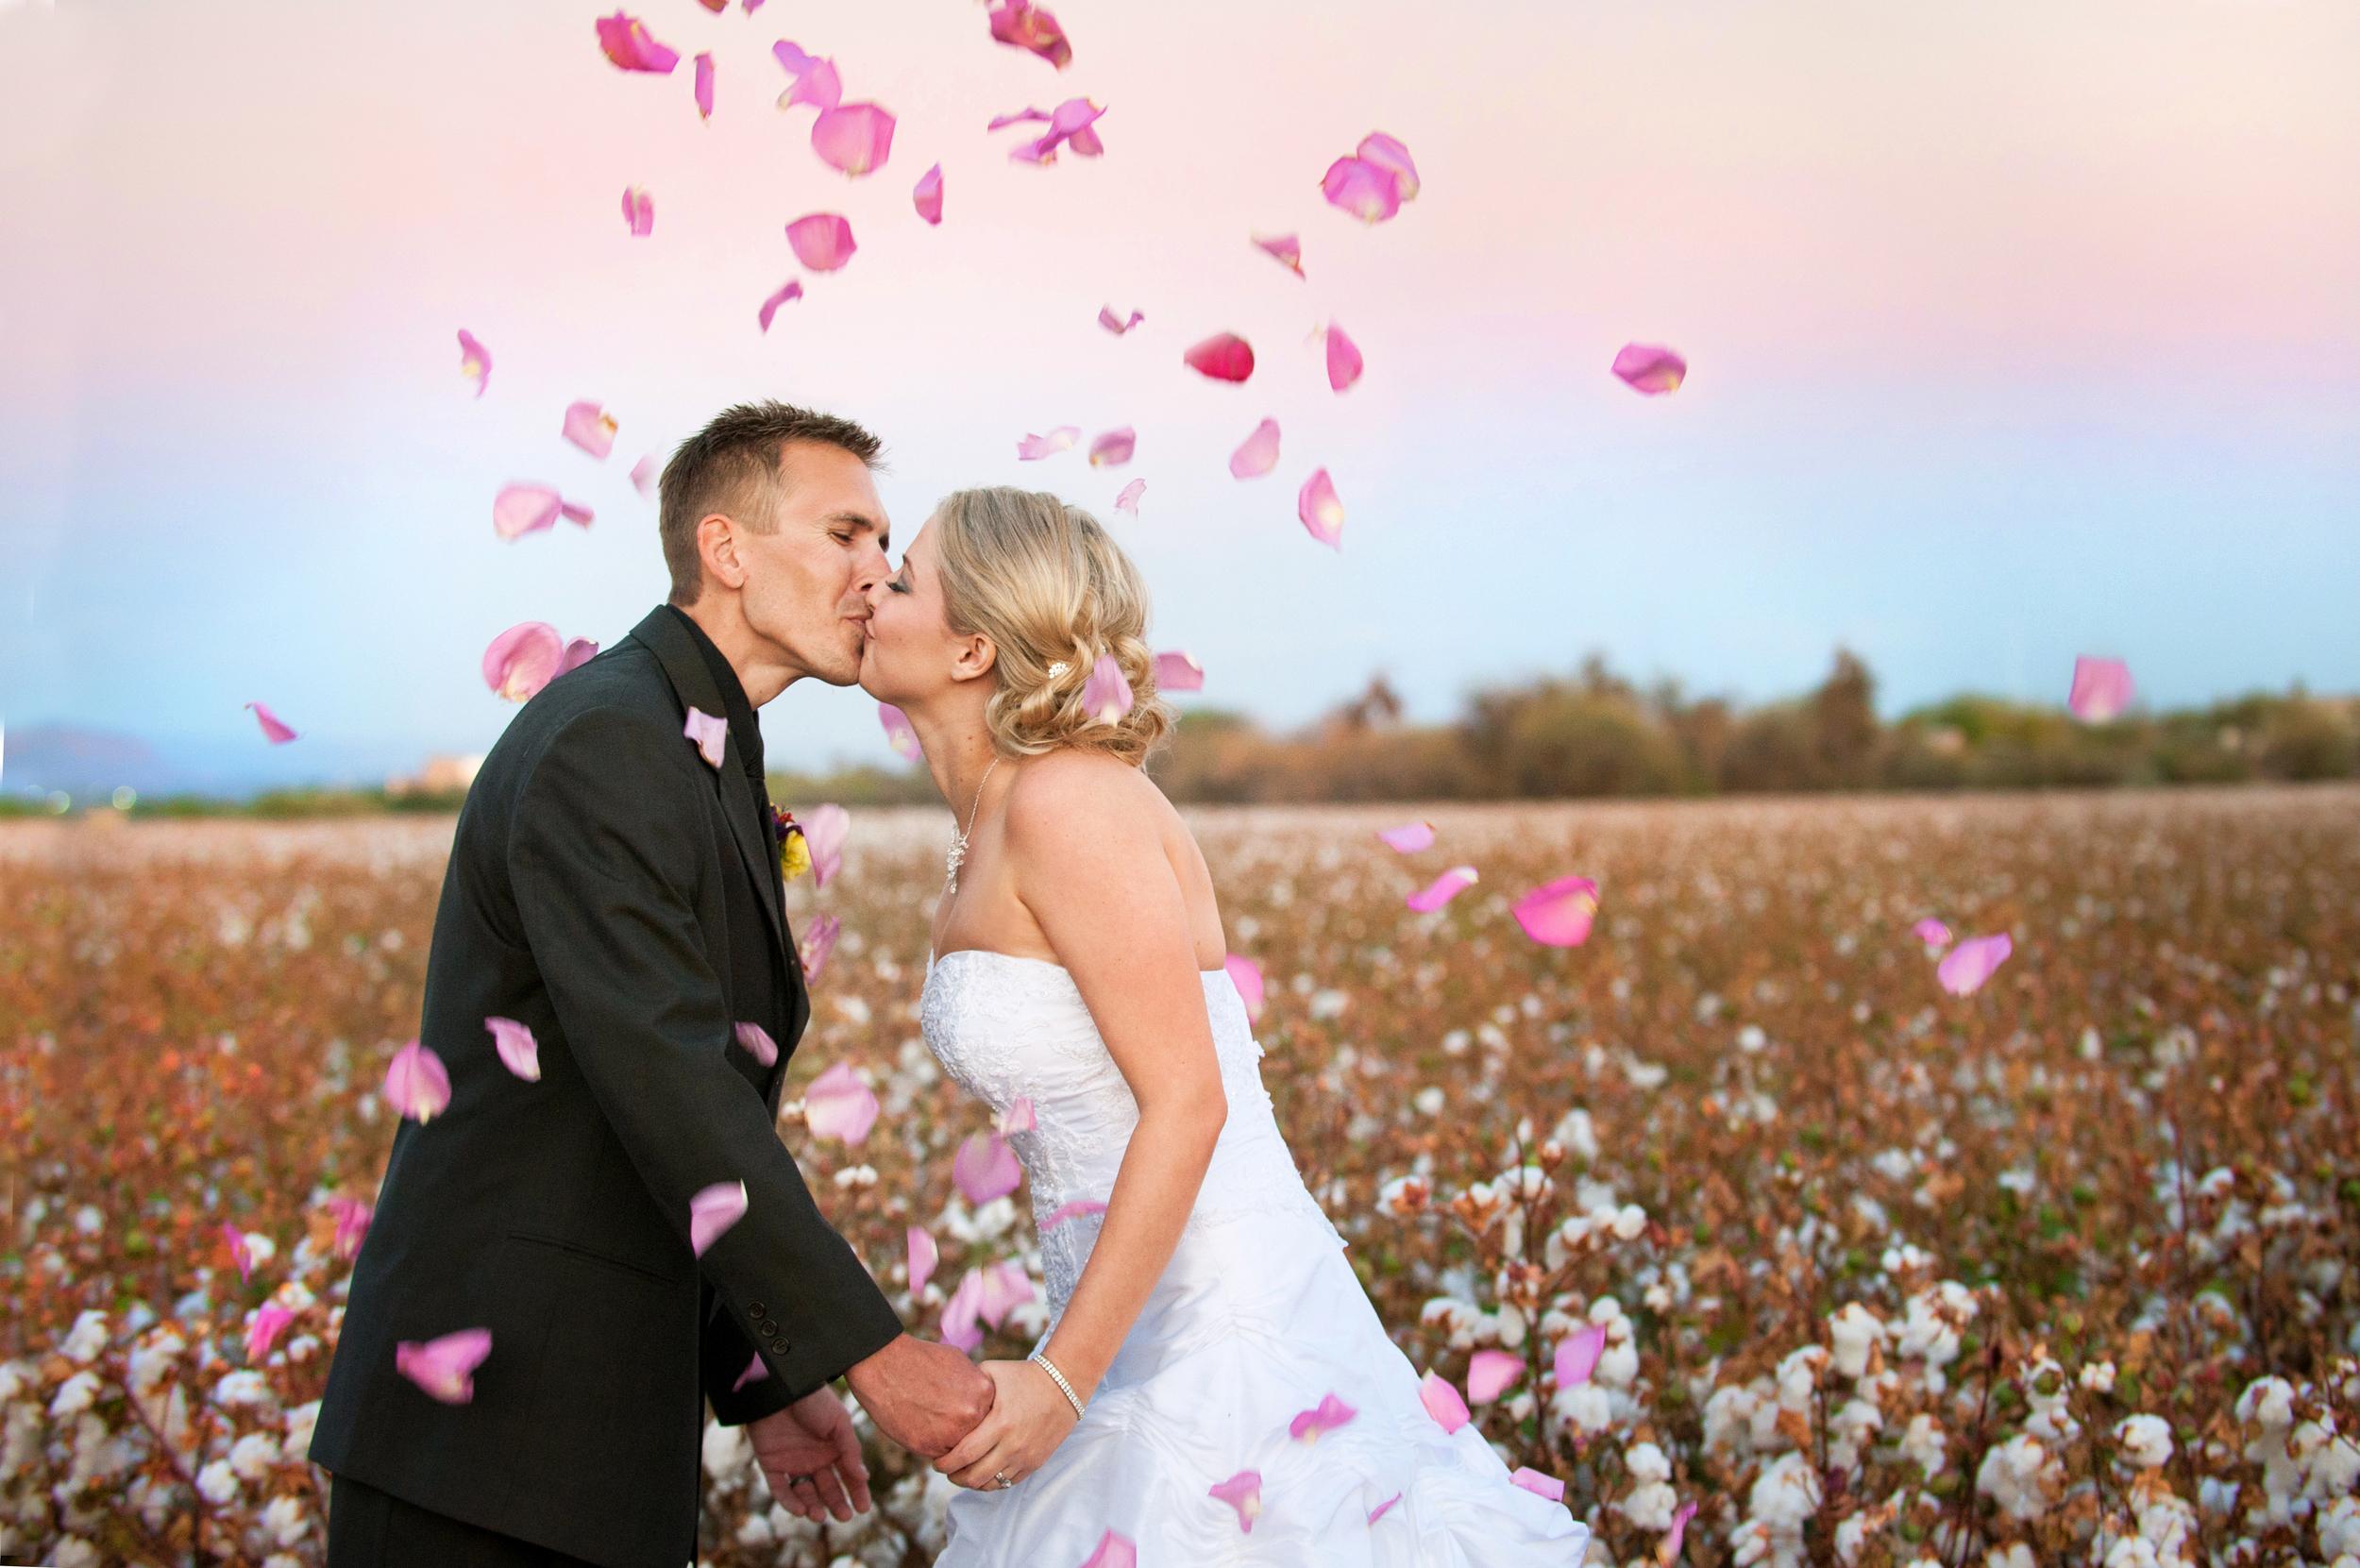 Tucson Weddings & Wine